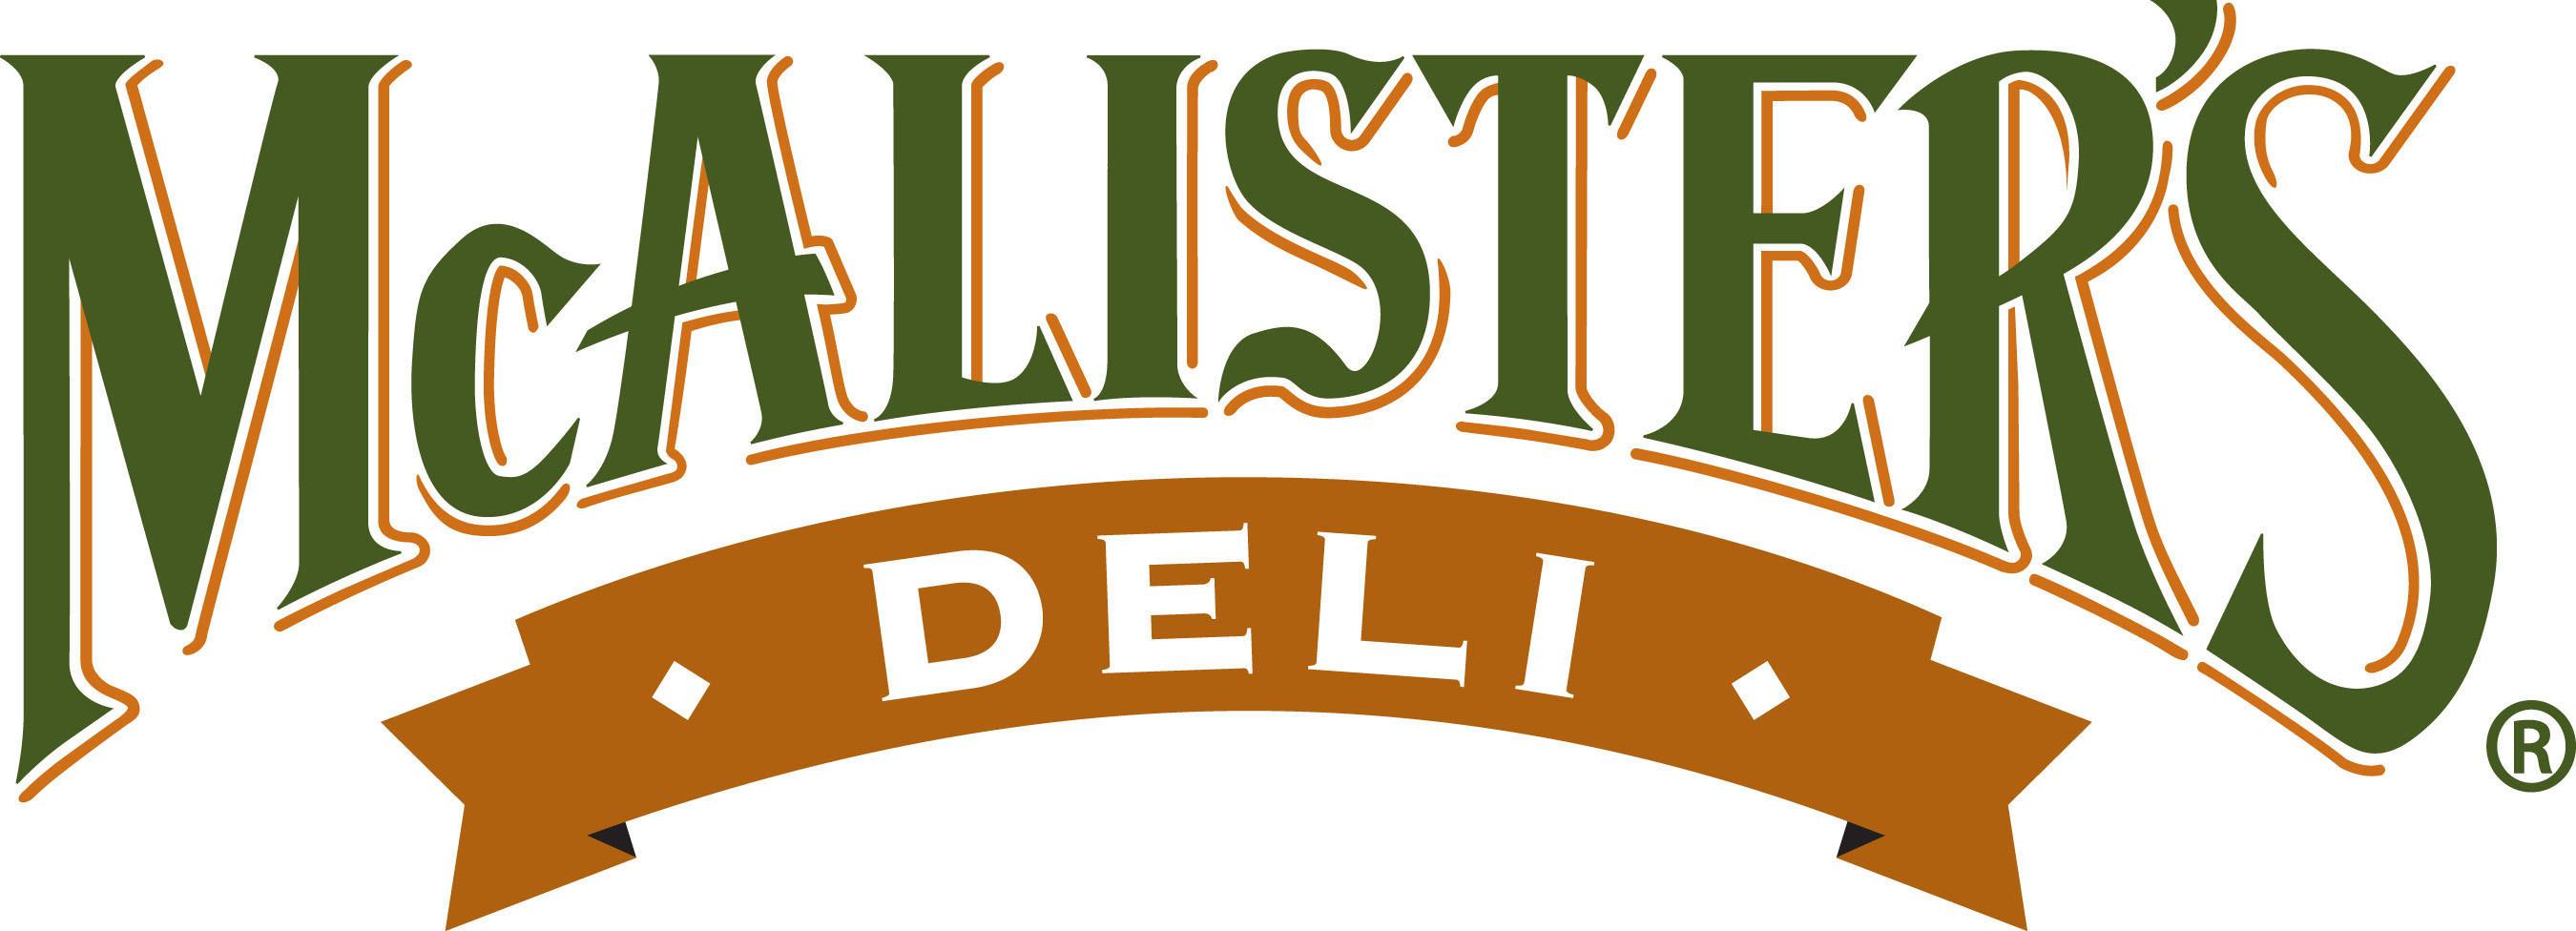 List Fast Food Items